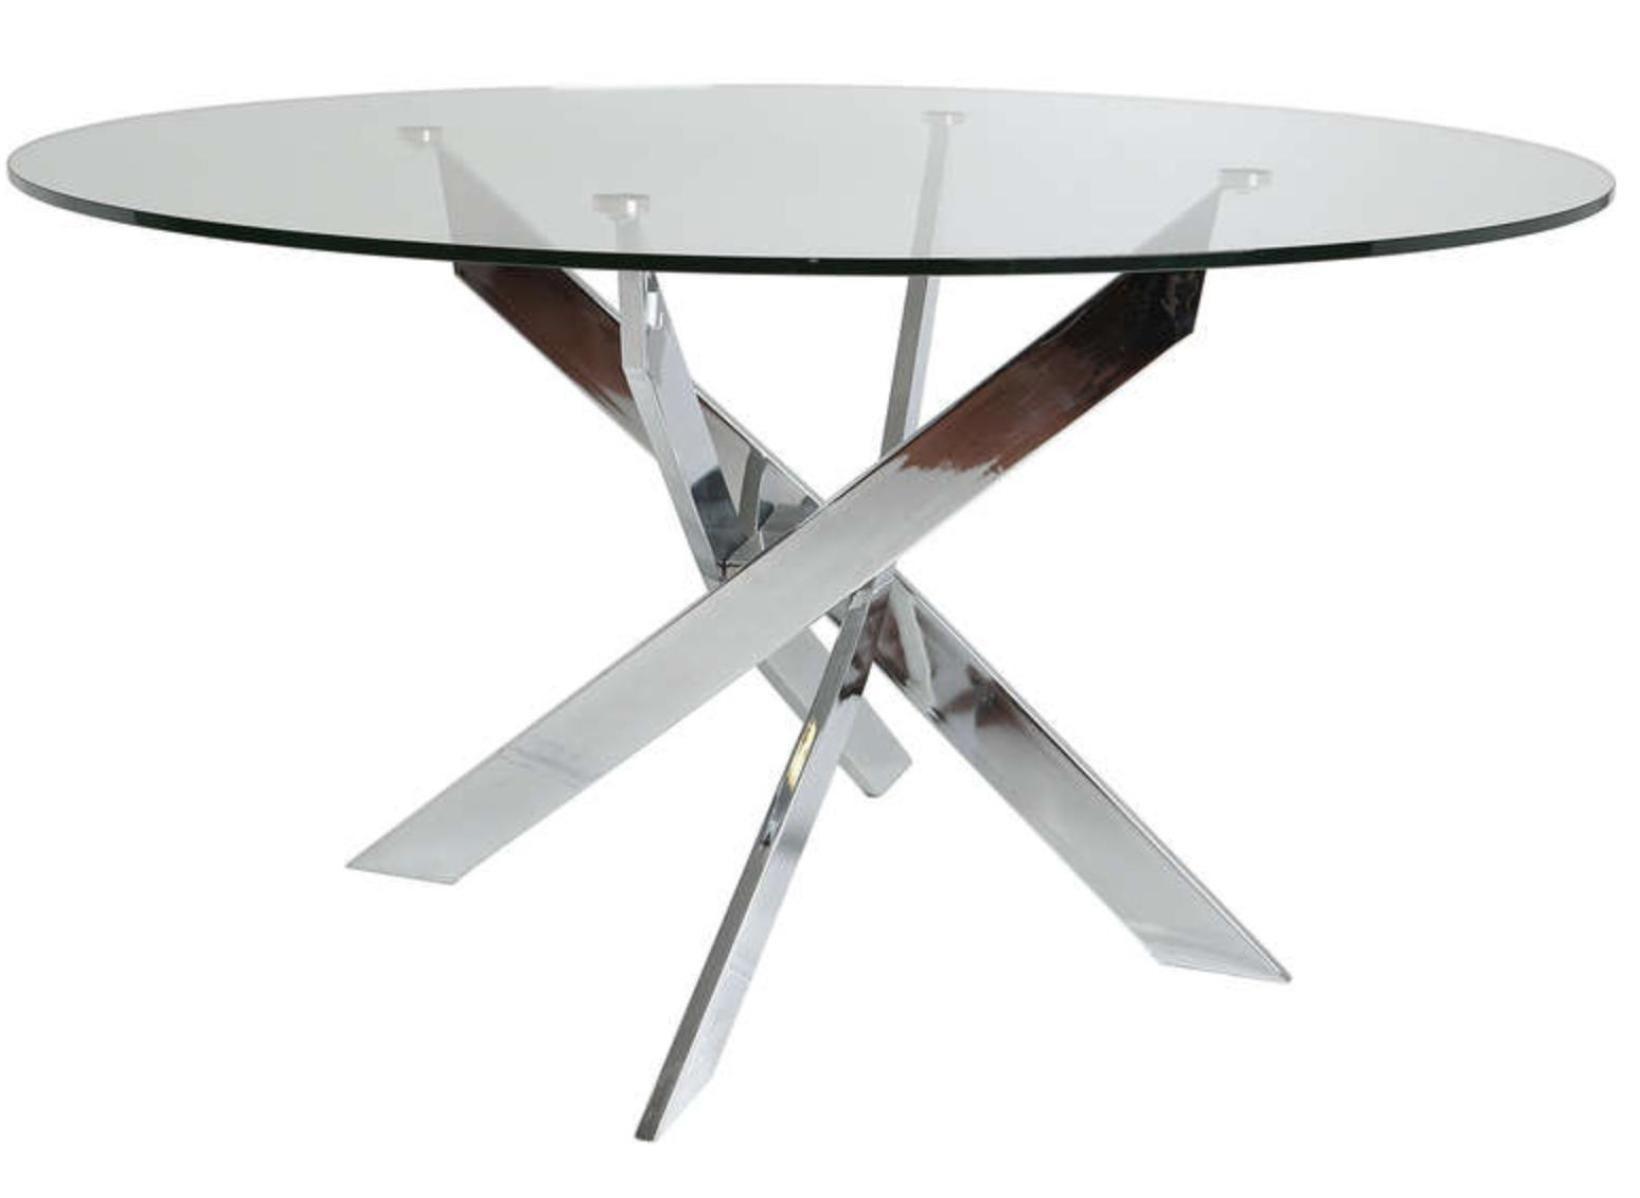 table manger ronde verre tremp et m tal chrom kany 140. Black Bedroom Furniture Sets. Home Design Ideas